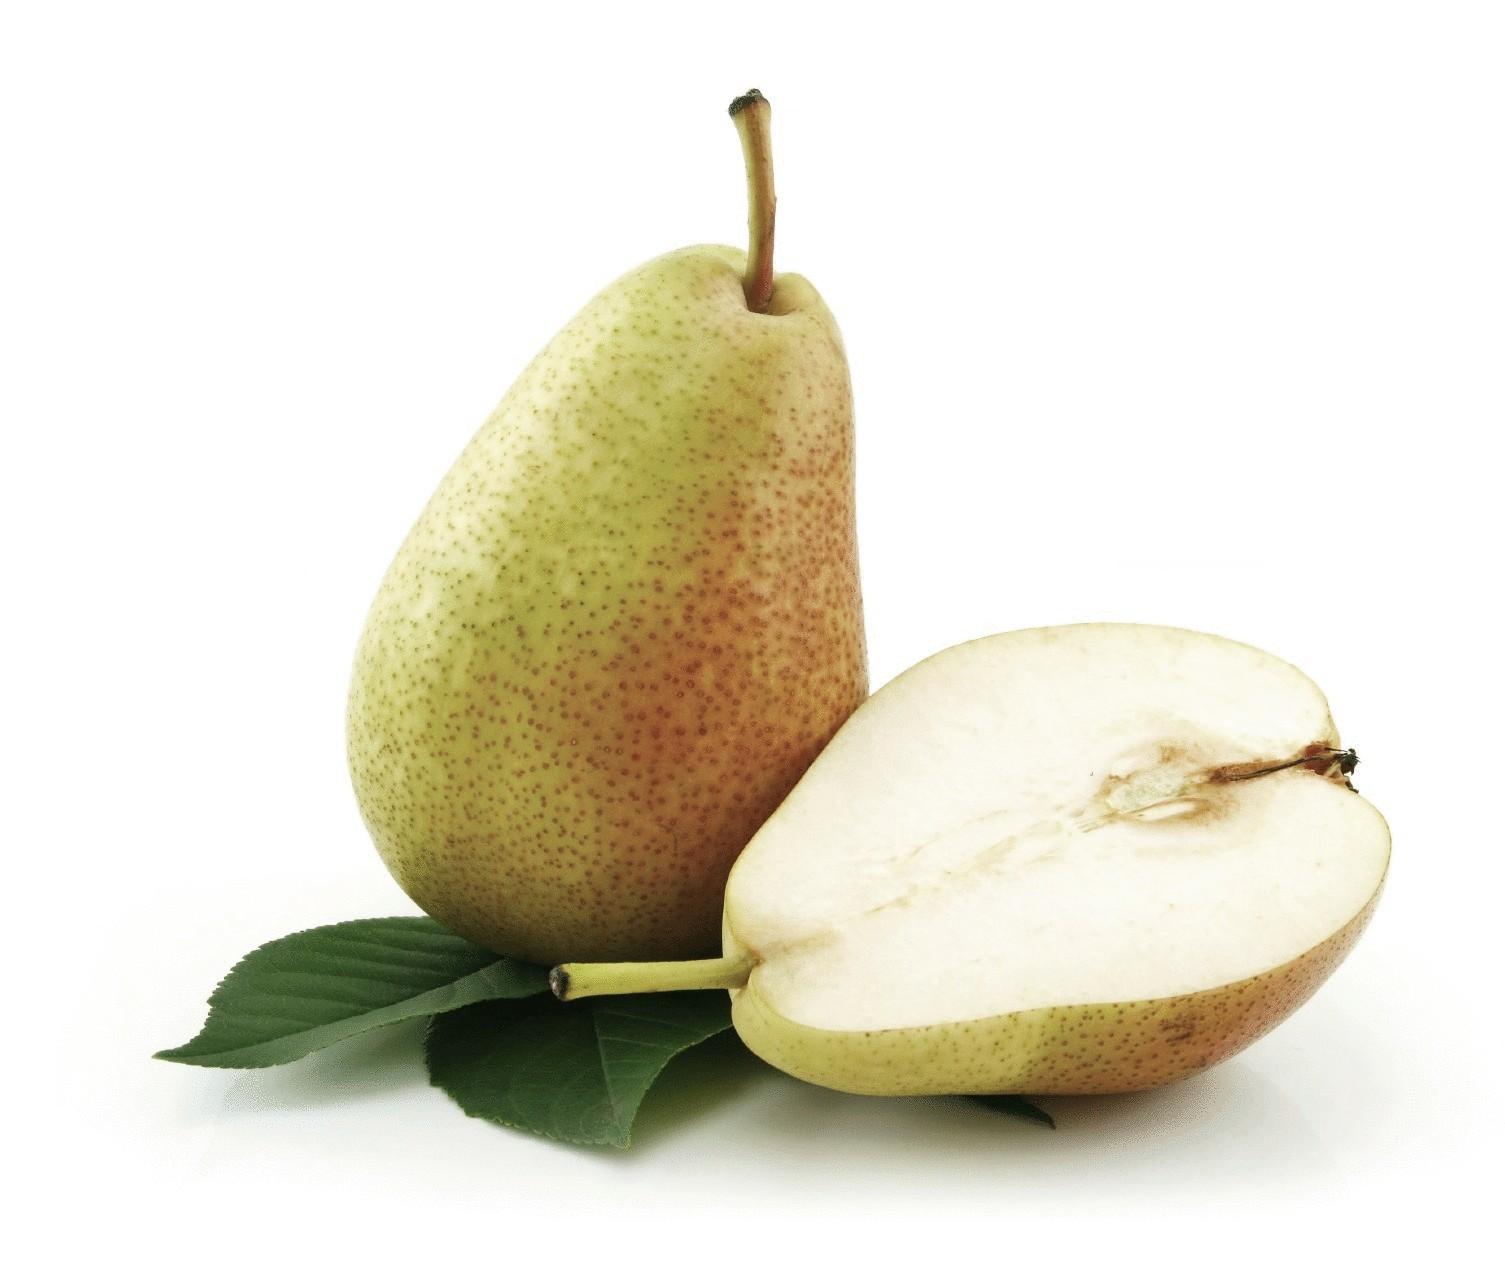 Груша - польза и вред, состав, калорийность. рецепты из груши. лучшие сорта